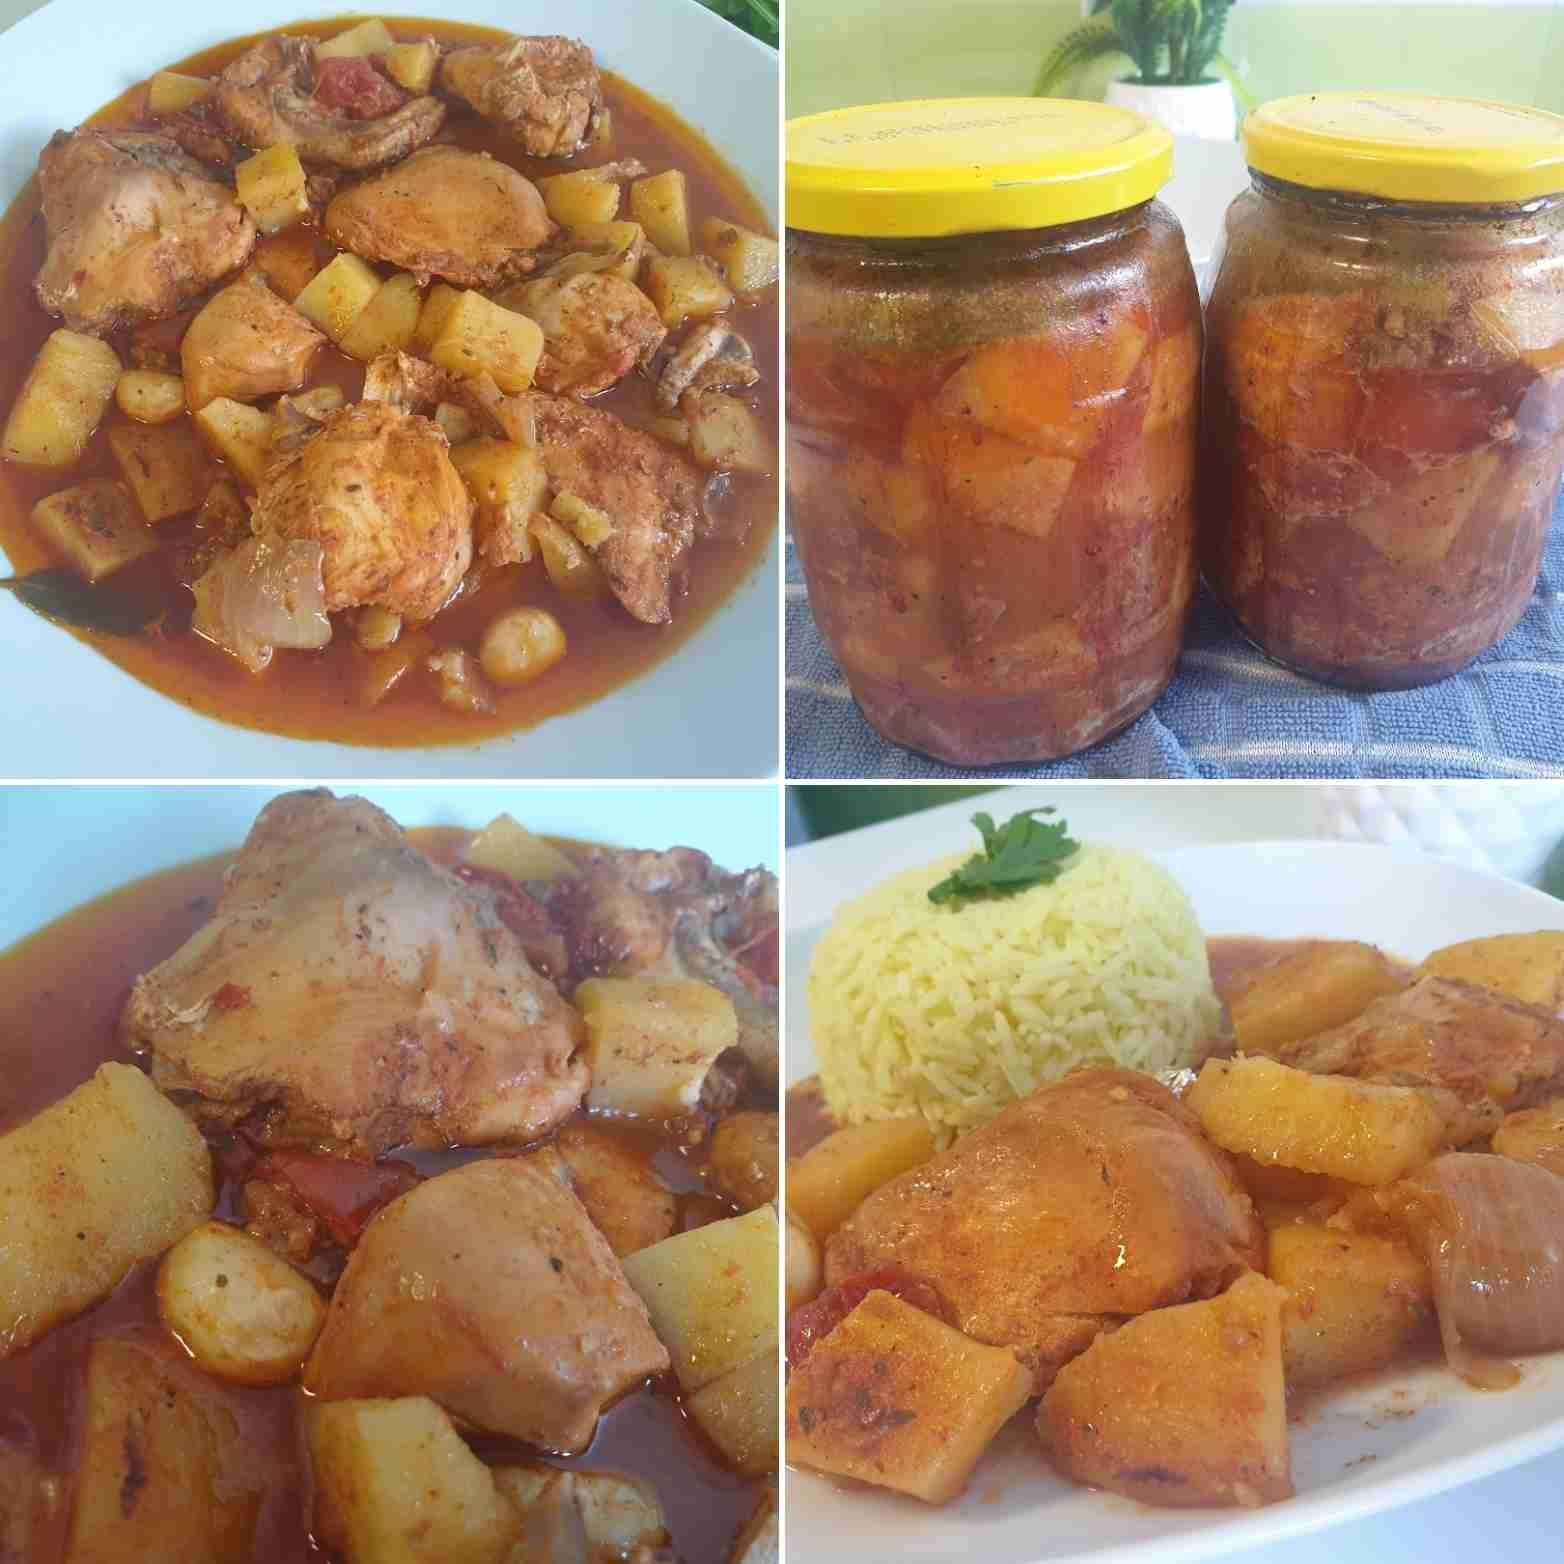 دجاج مع الخضار بمرطبان زجاج ملكة الأكلات التركية زاكي Recipe Main Dishes Dishes Food